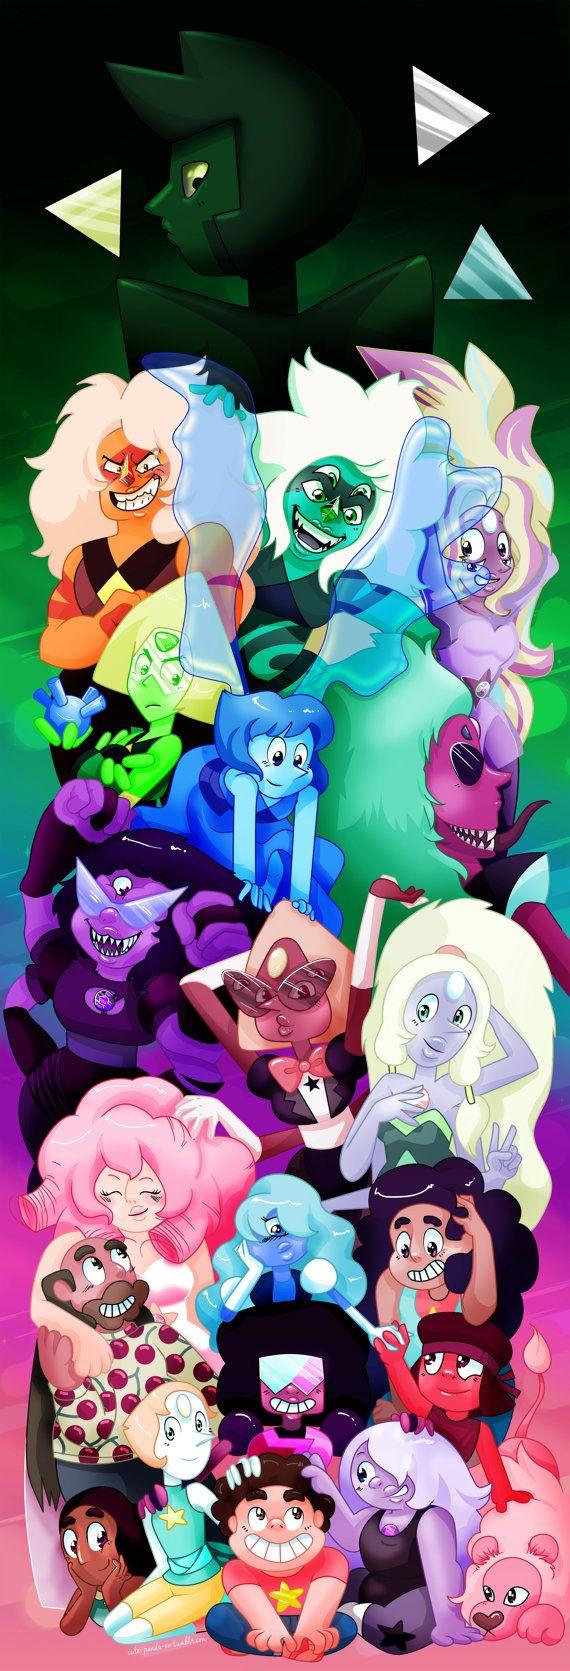 Steven Universe All Character Poster Steven Universe Crystal Gems Steven Universe Cute Panda